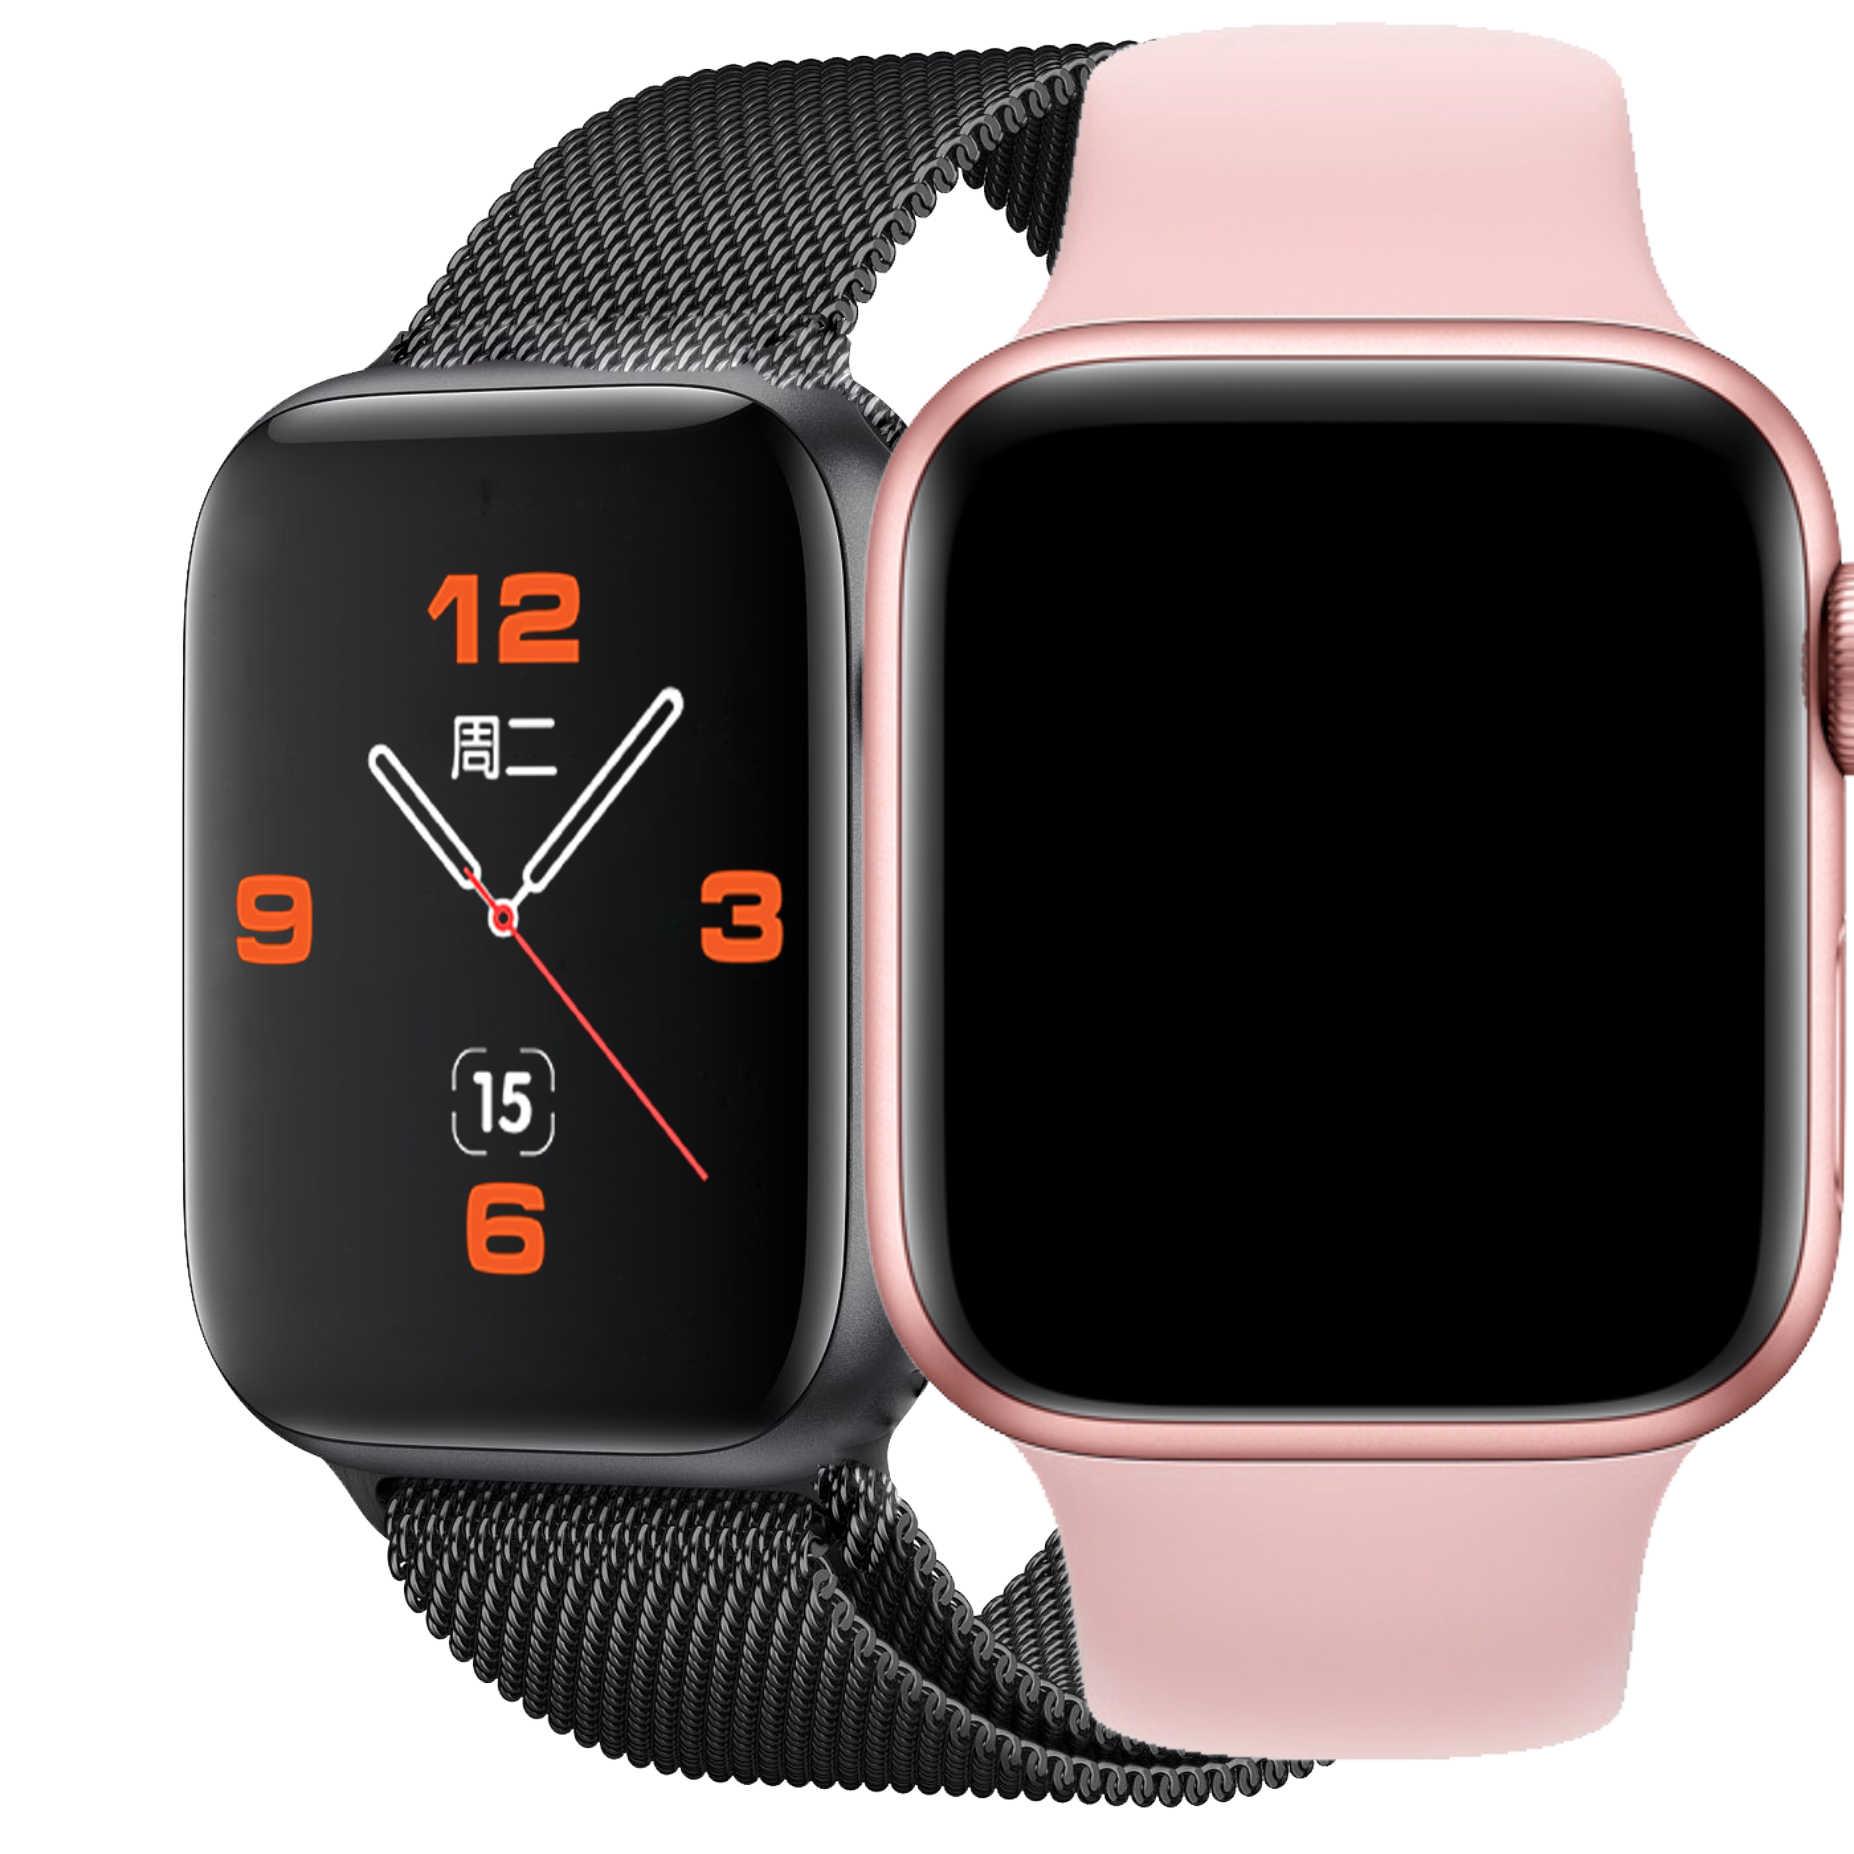 IWO 12 Pro série 5 montre intelligente 40/44MM Smartwatch hommes femmes Bluetooth Sport montre pour IOS Android PK IWO 8 13 10 11 horloge intelligente